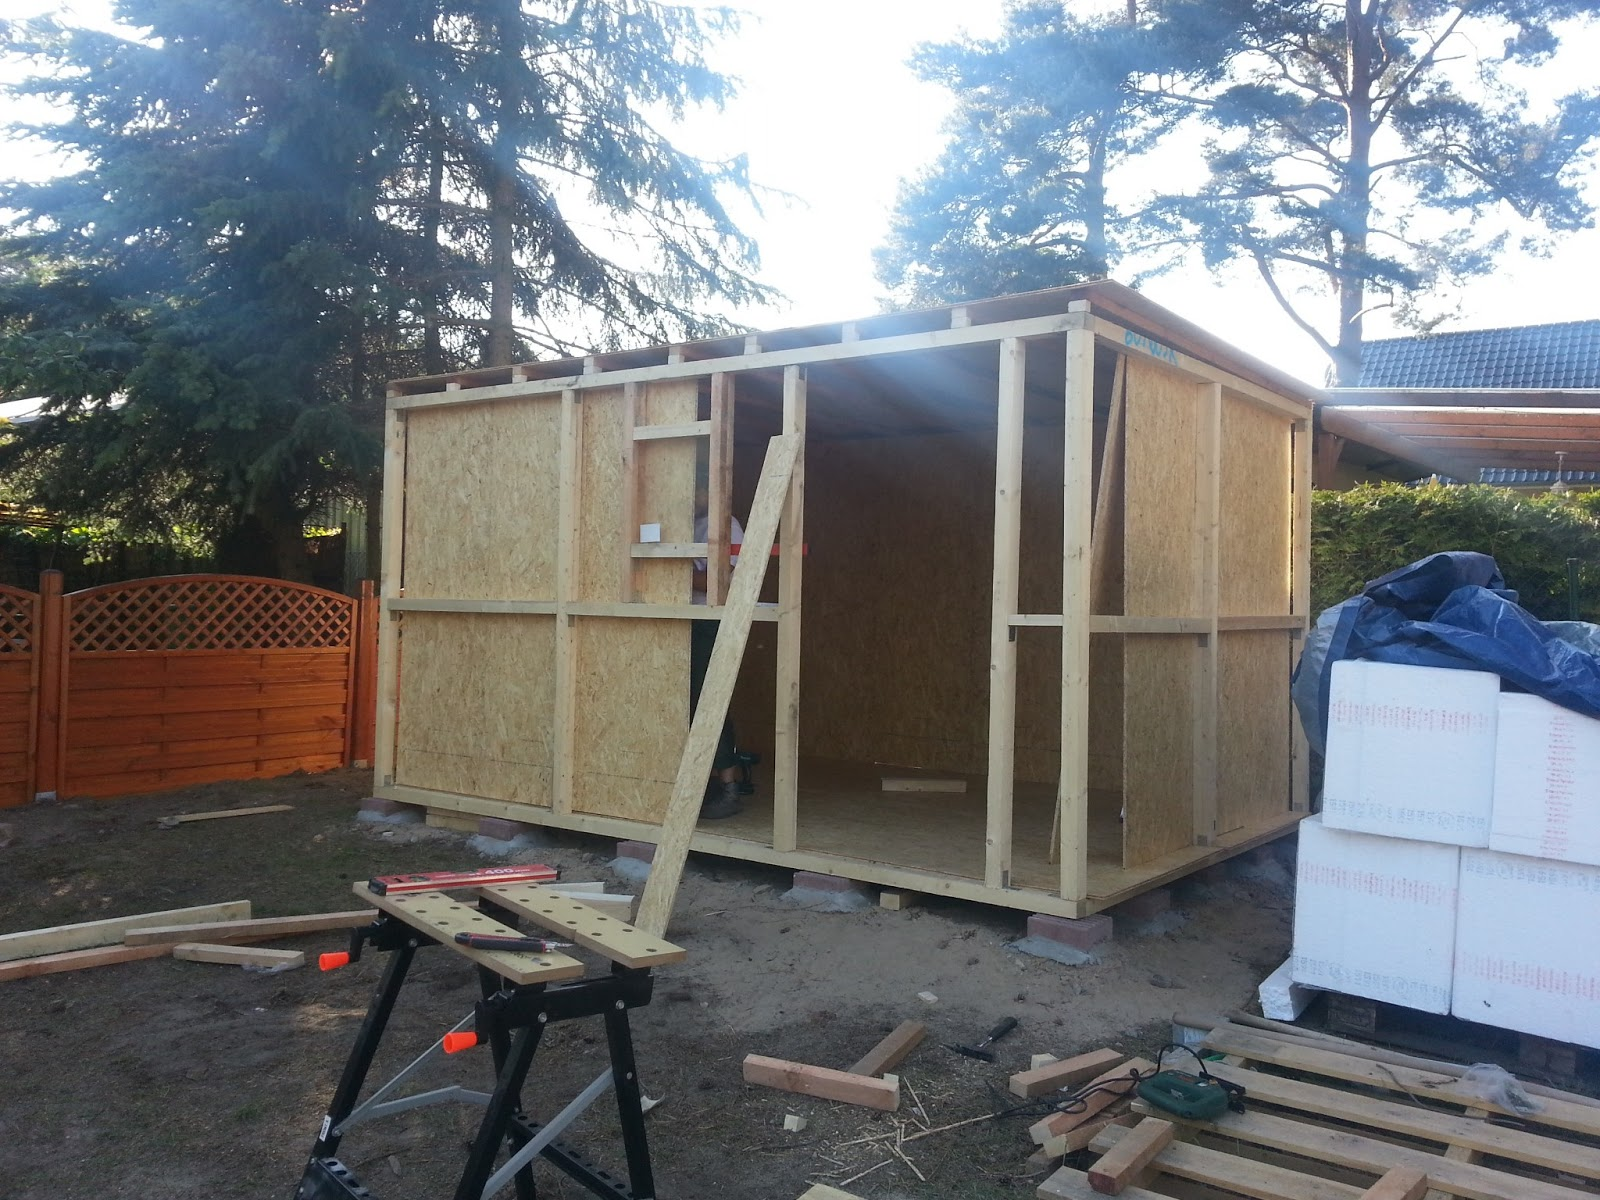 aileen und patrick bauen schuppen teil 3. Black Bedroom Furniture Sets. Home Design Ideas